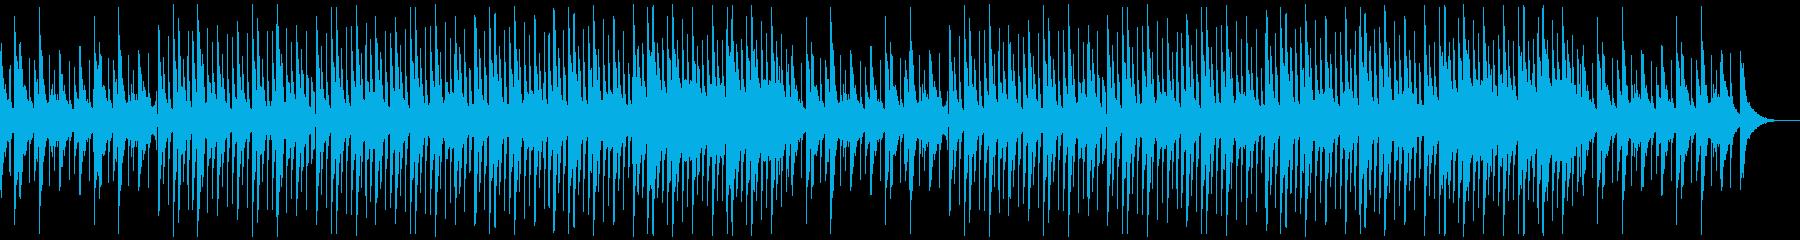 企業VP・コーポレート/明るいBGM:4の再生済みの波形